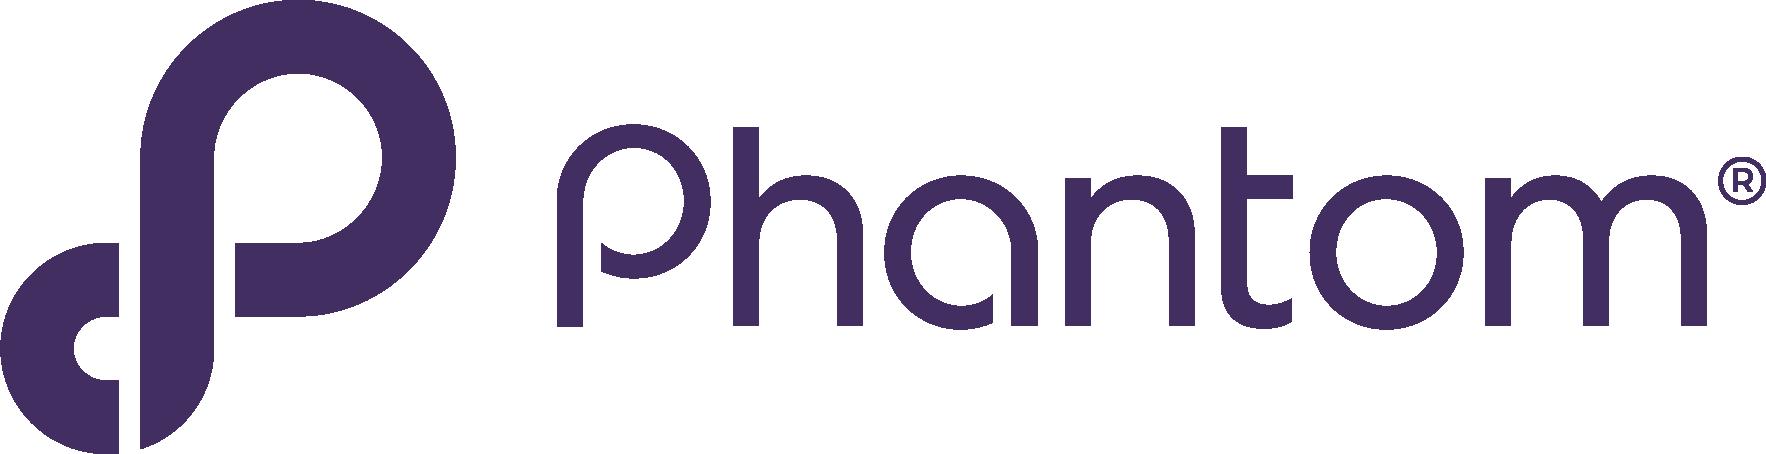 Phantom-logo